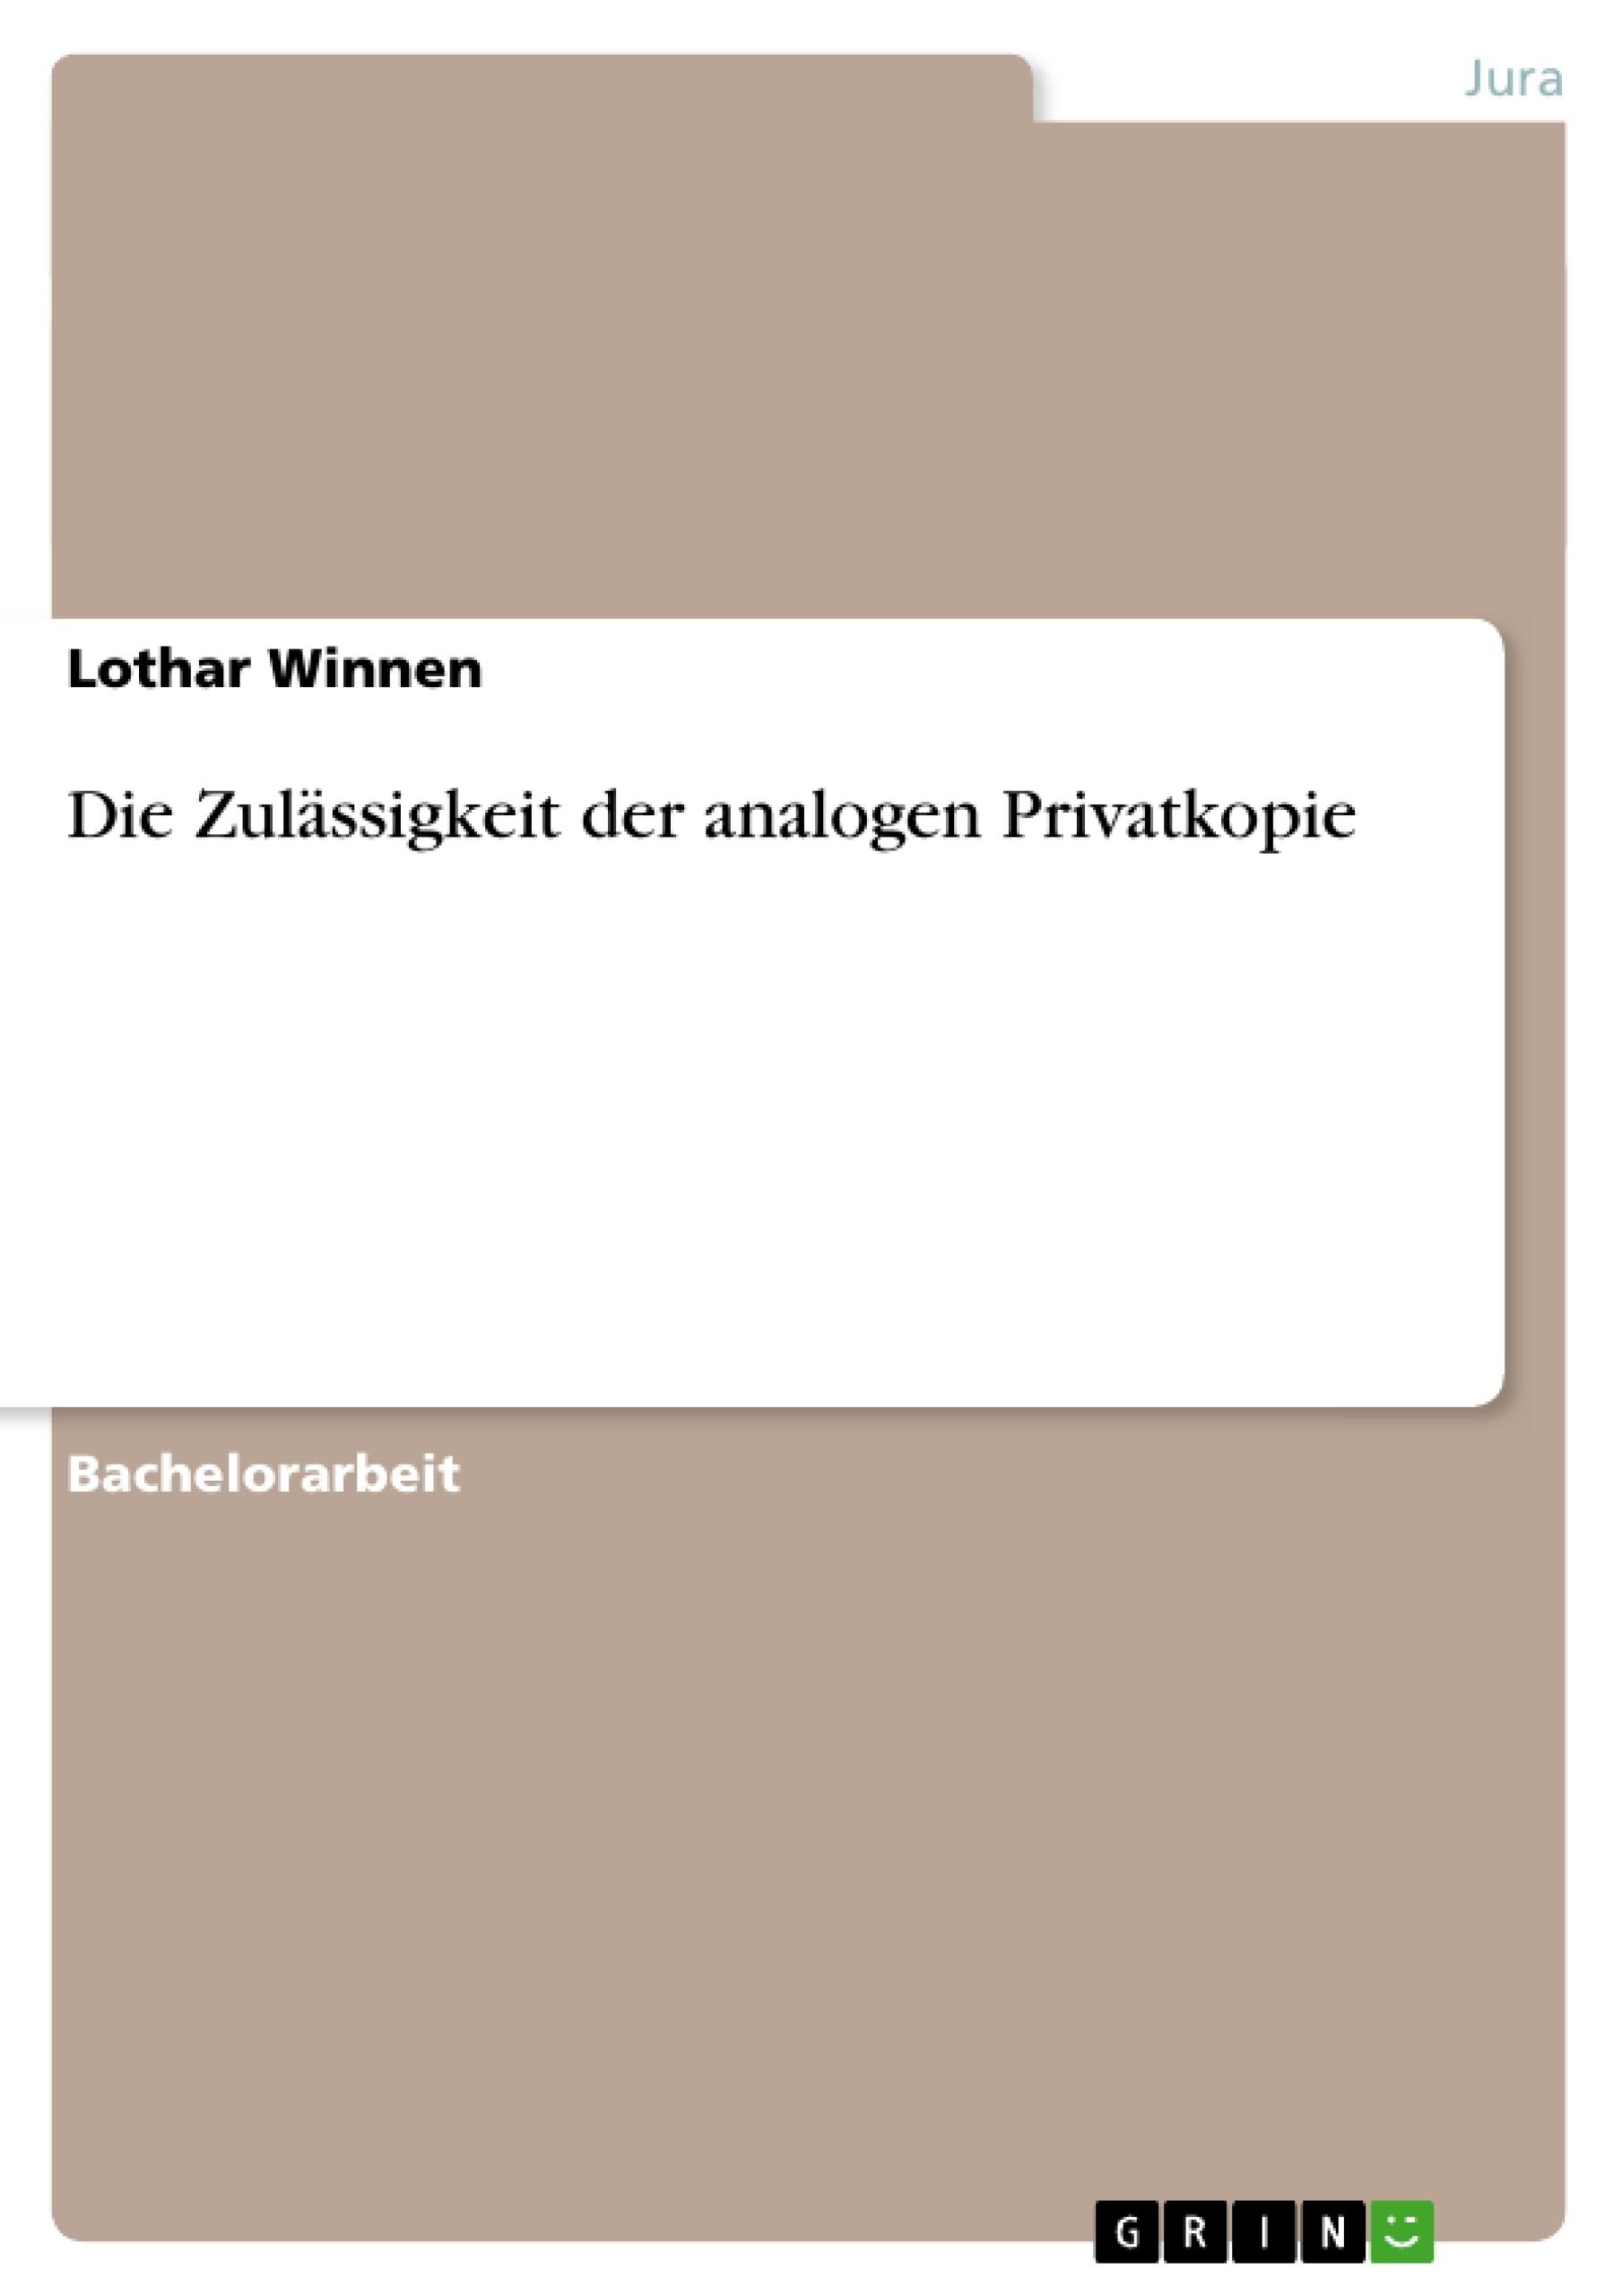 Titel: Die Zulässigkeit der analogen Privatkopie